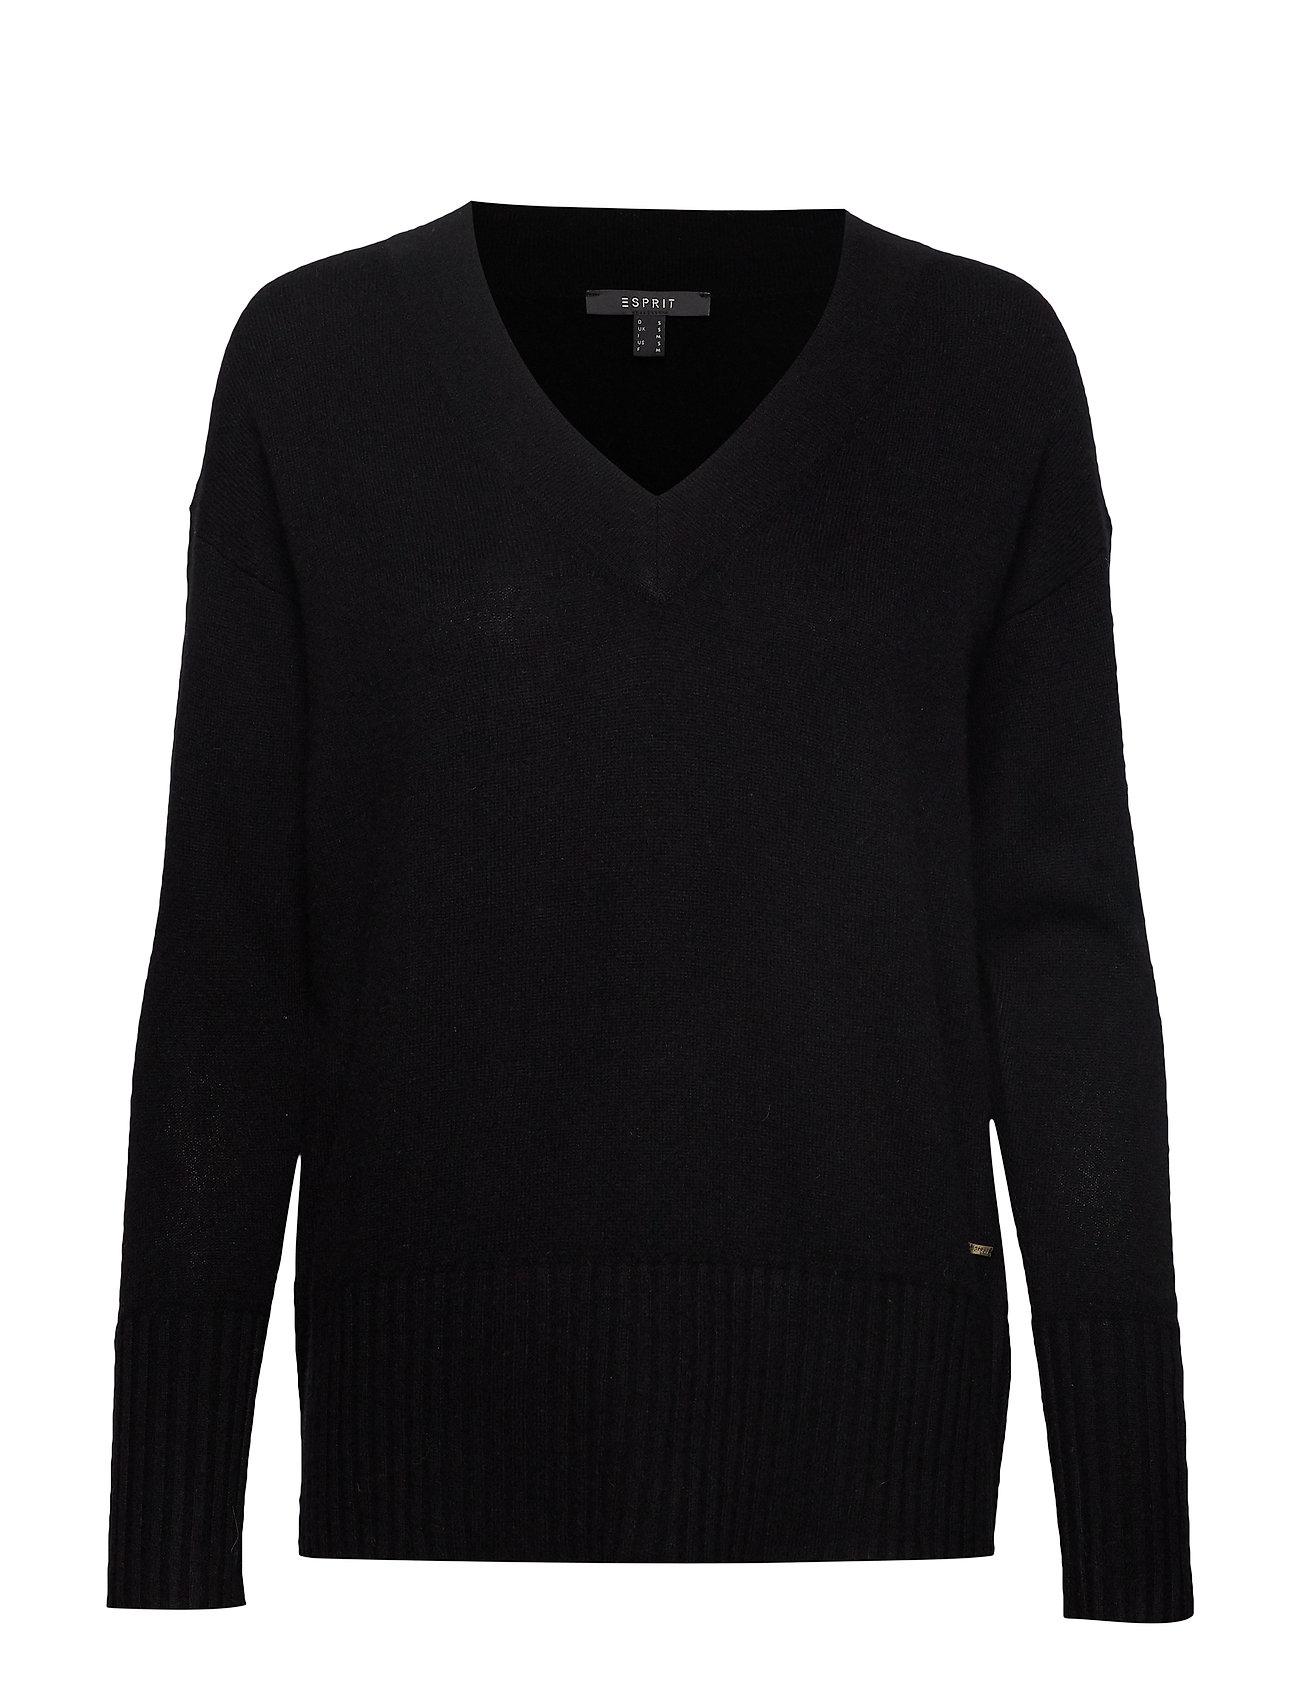 ESPRIT Sweaters Strickpullover Schwarz ESPRIT COLLECTION